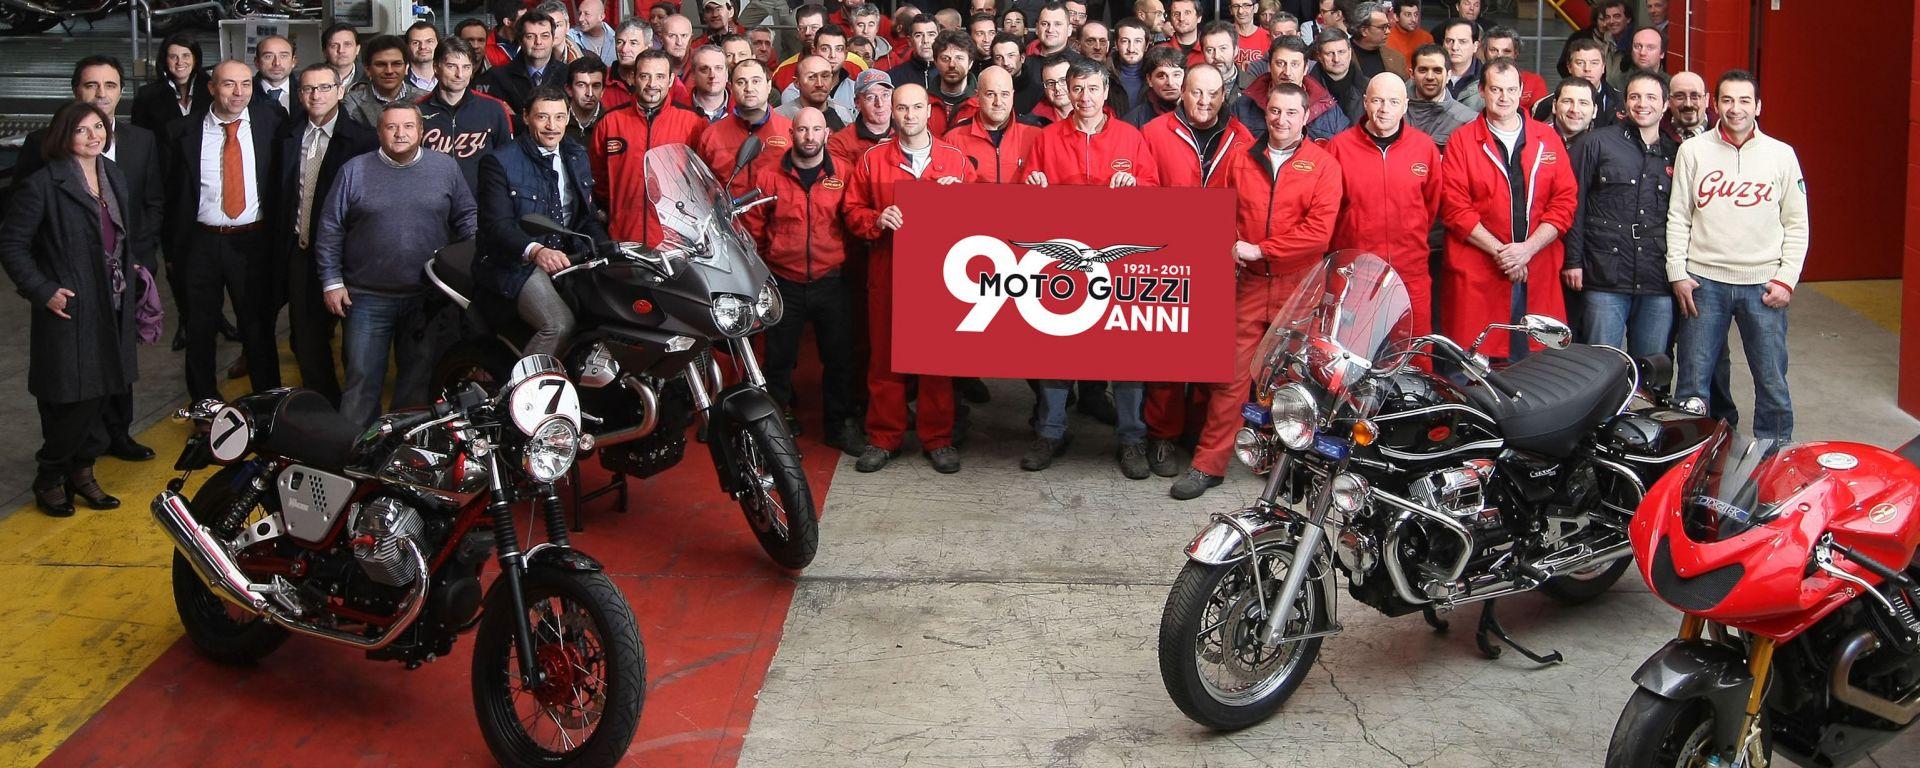 Moto Guzzi festeggia 90 anni